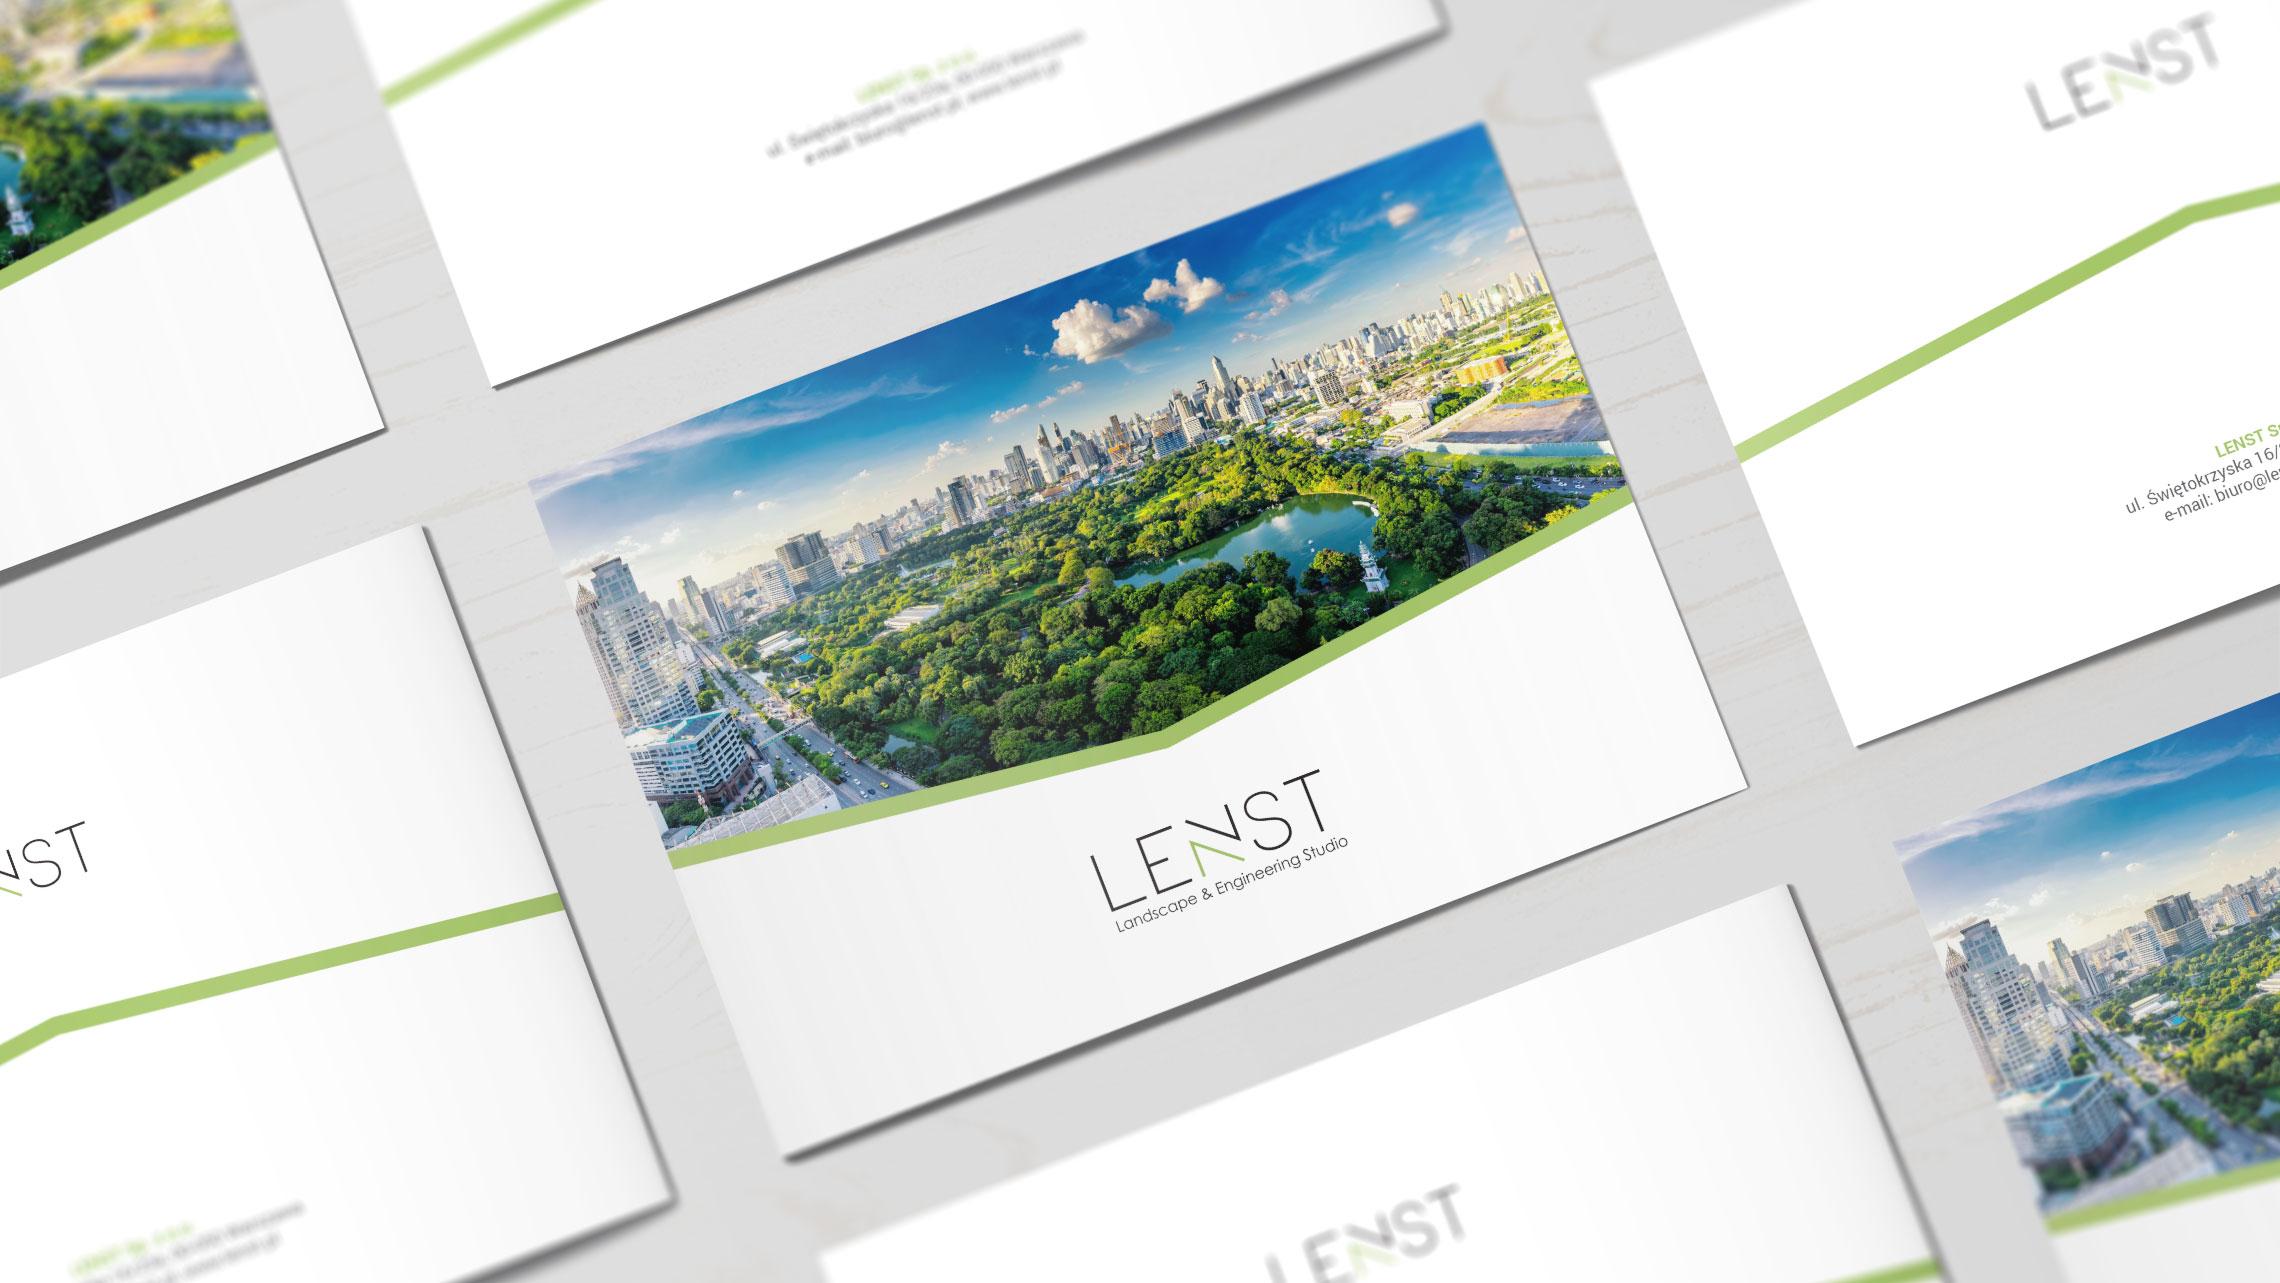 Projekt iprodukcja folderu reklamowego dla firmy Lenst